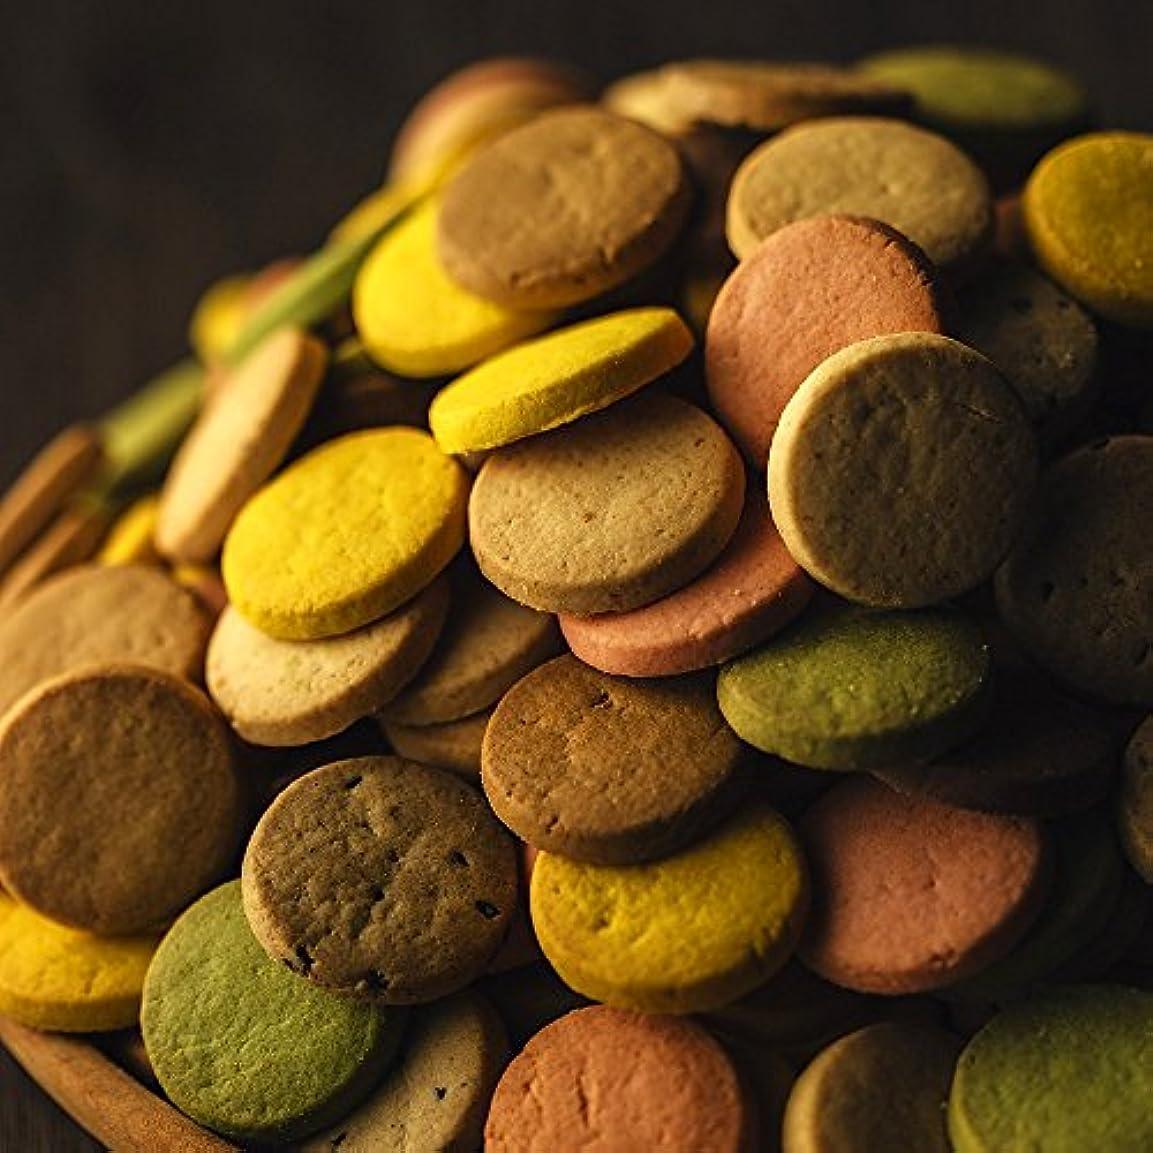 悩む冗長不健全豆乳おからクッキー蒟蒻マンナン入り 2kg